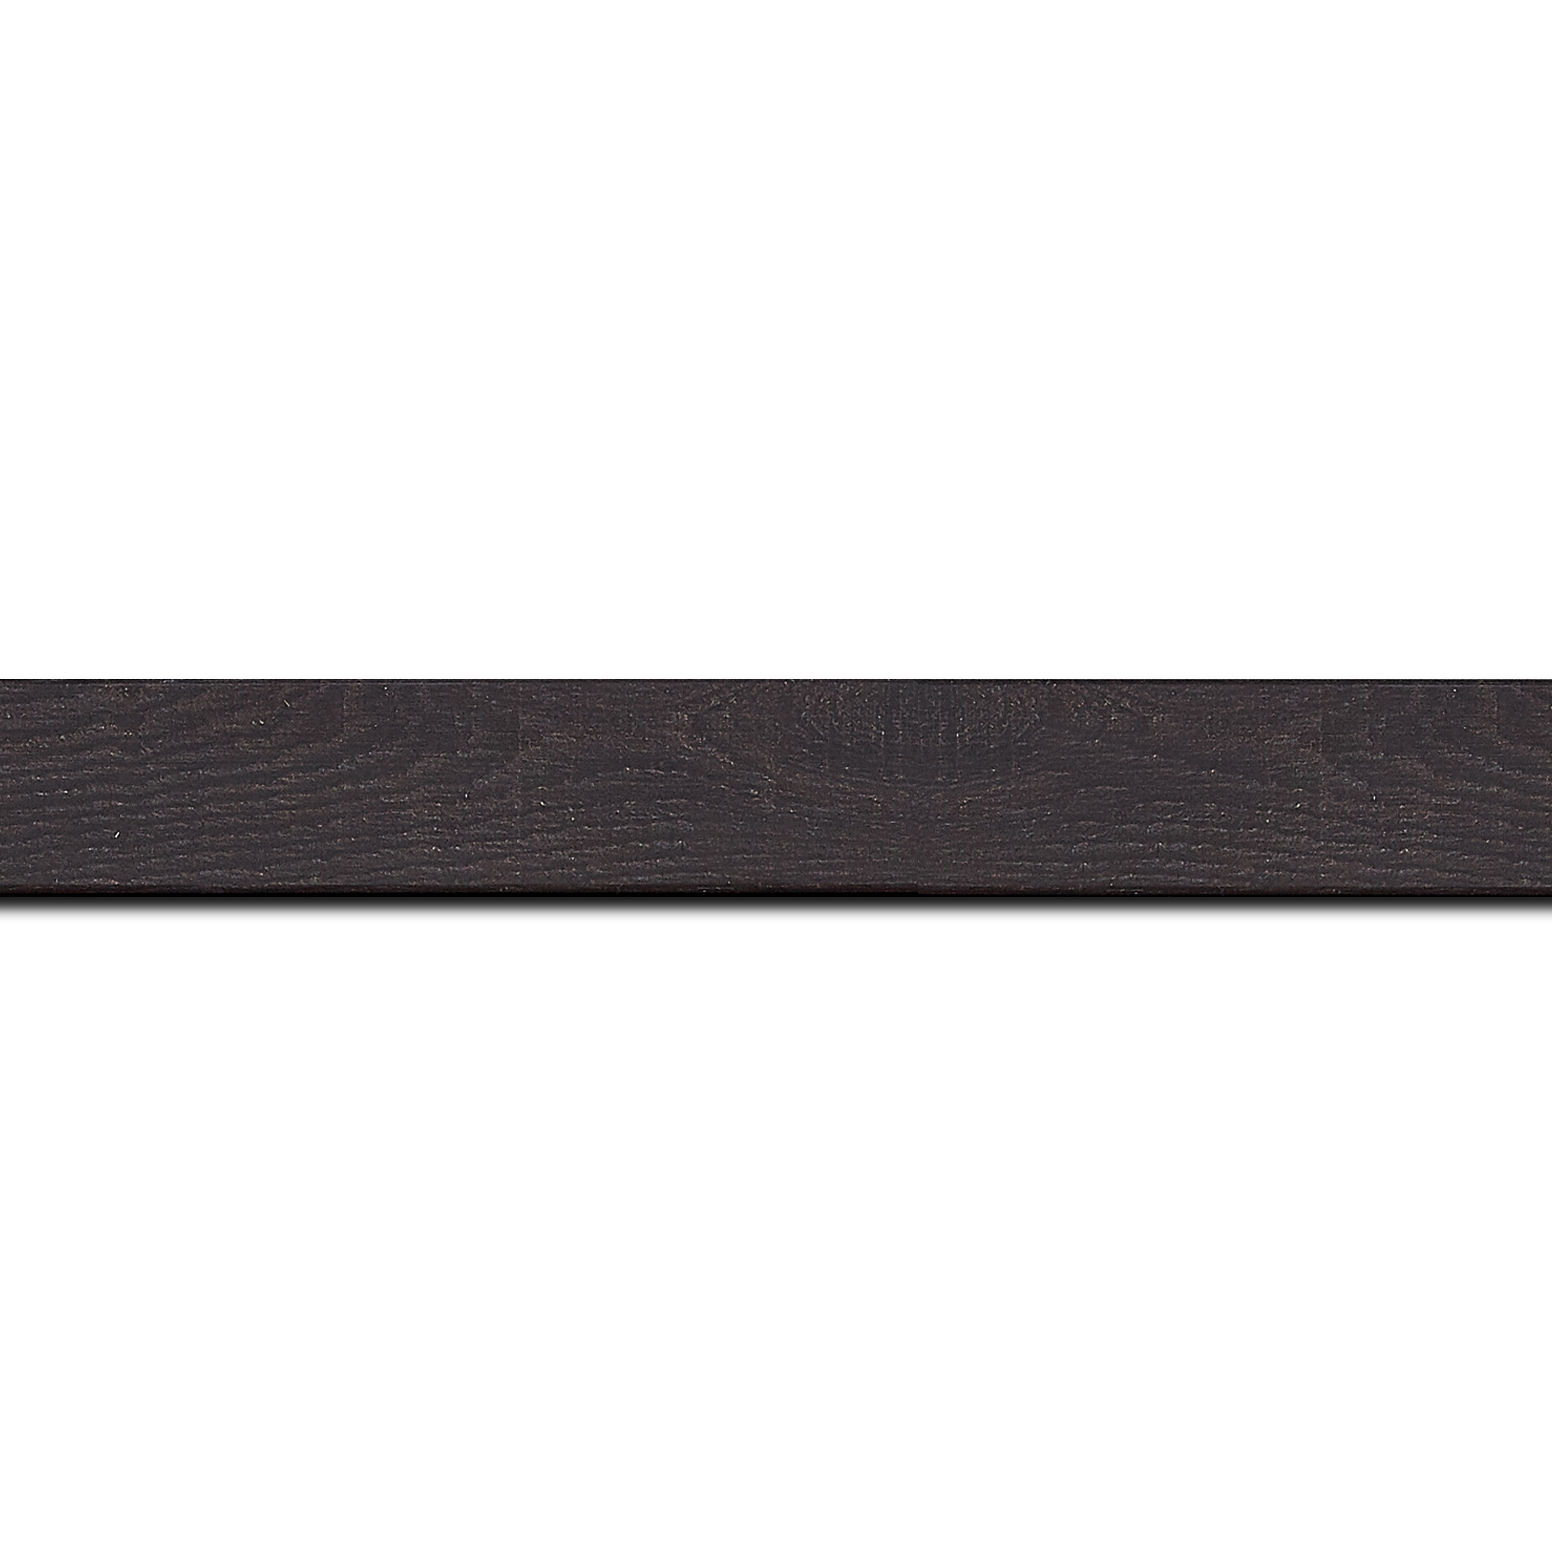 Baguette longueur 1.40m bois profil plat largeur 2.6cm hauteur 5cm décor bois wengé foncé